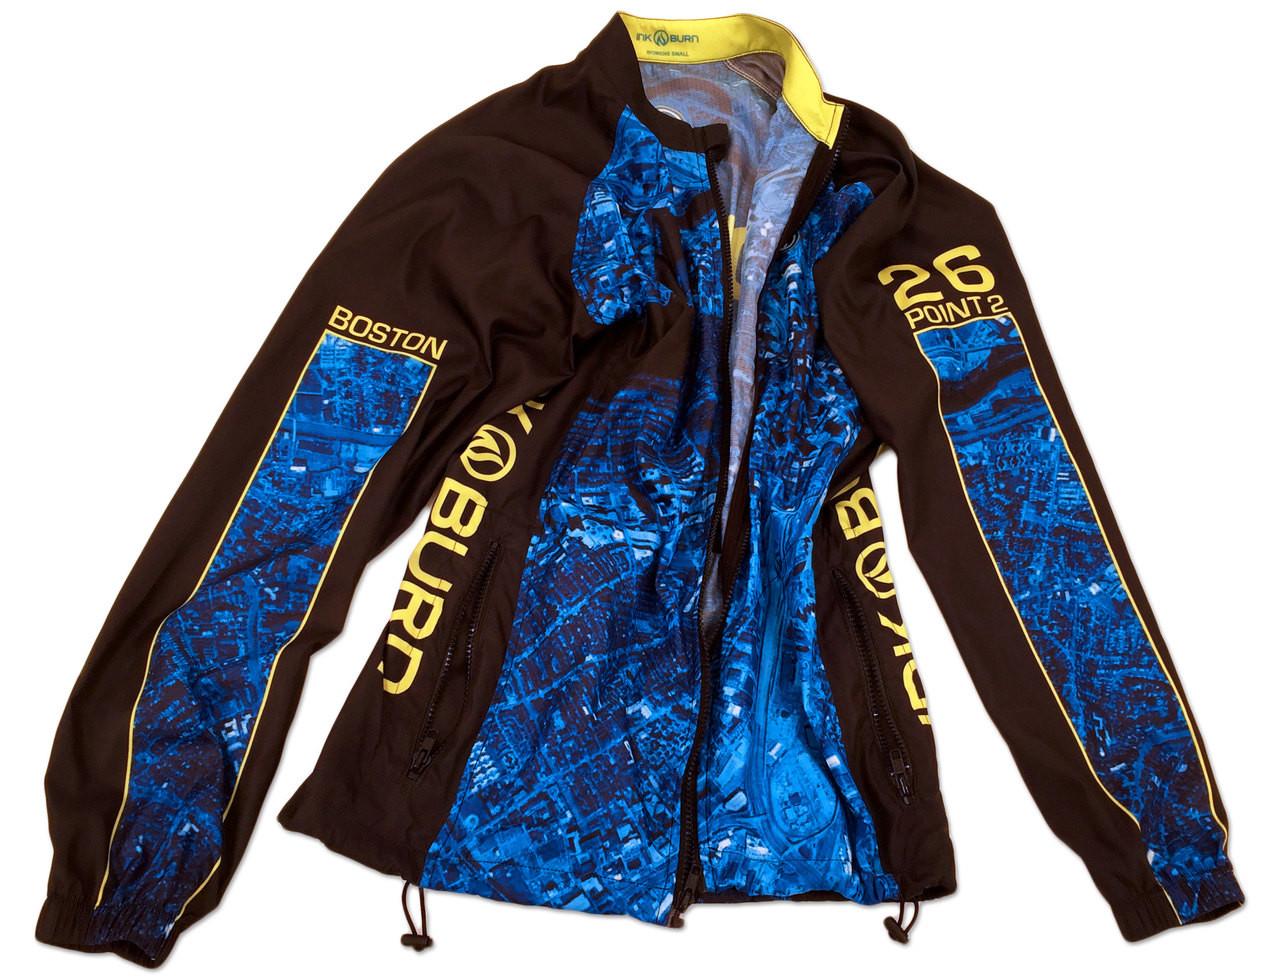 Men's 2015 Boston Windbreaker Jacket Back